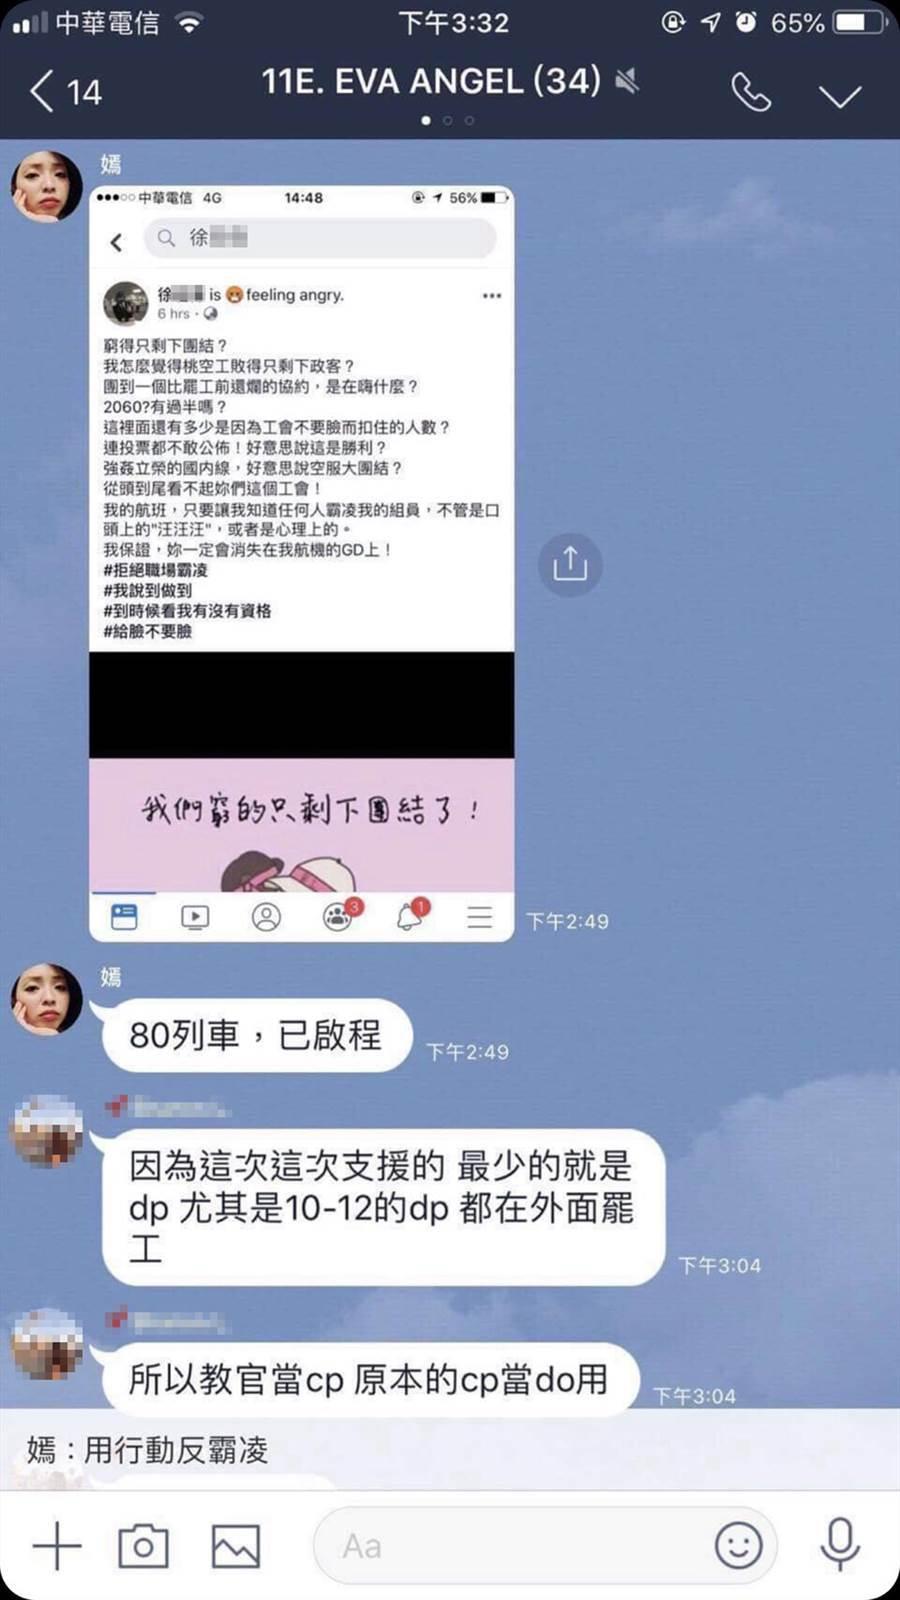 一位徐姓機長在自己IG抨擊罷工空服員,引起郭芷嫣不滿,認為被霸凌,揚言要在他的食物中「加料」 (圖/翻攝自網路)